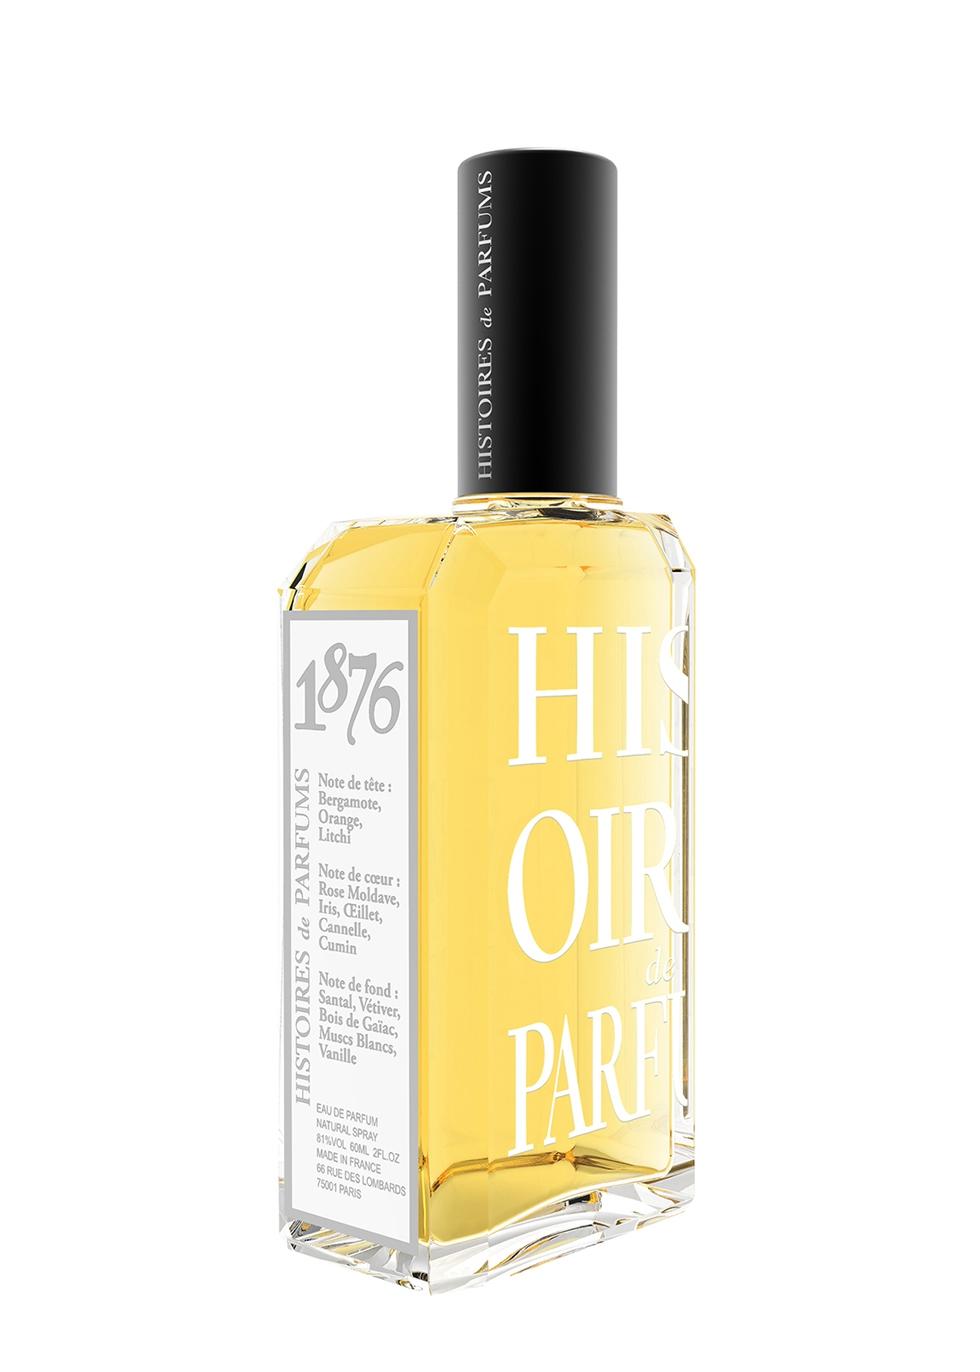 1876 Eau De Parfum 60ml - Histoires de Parfums